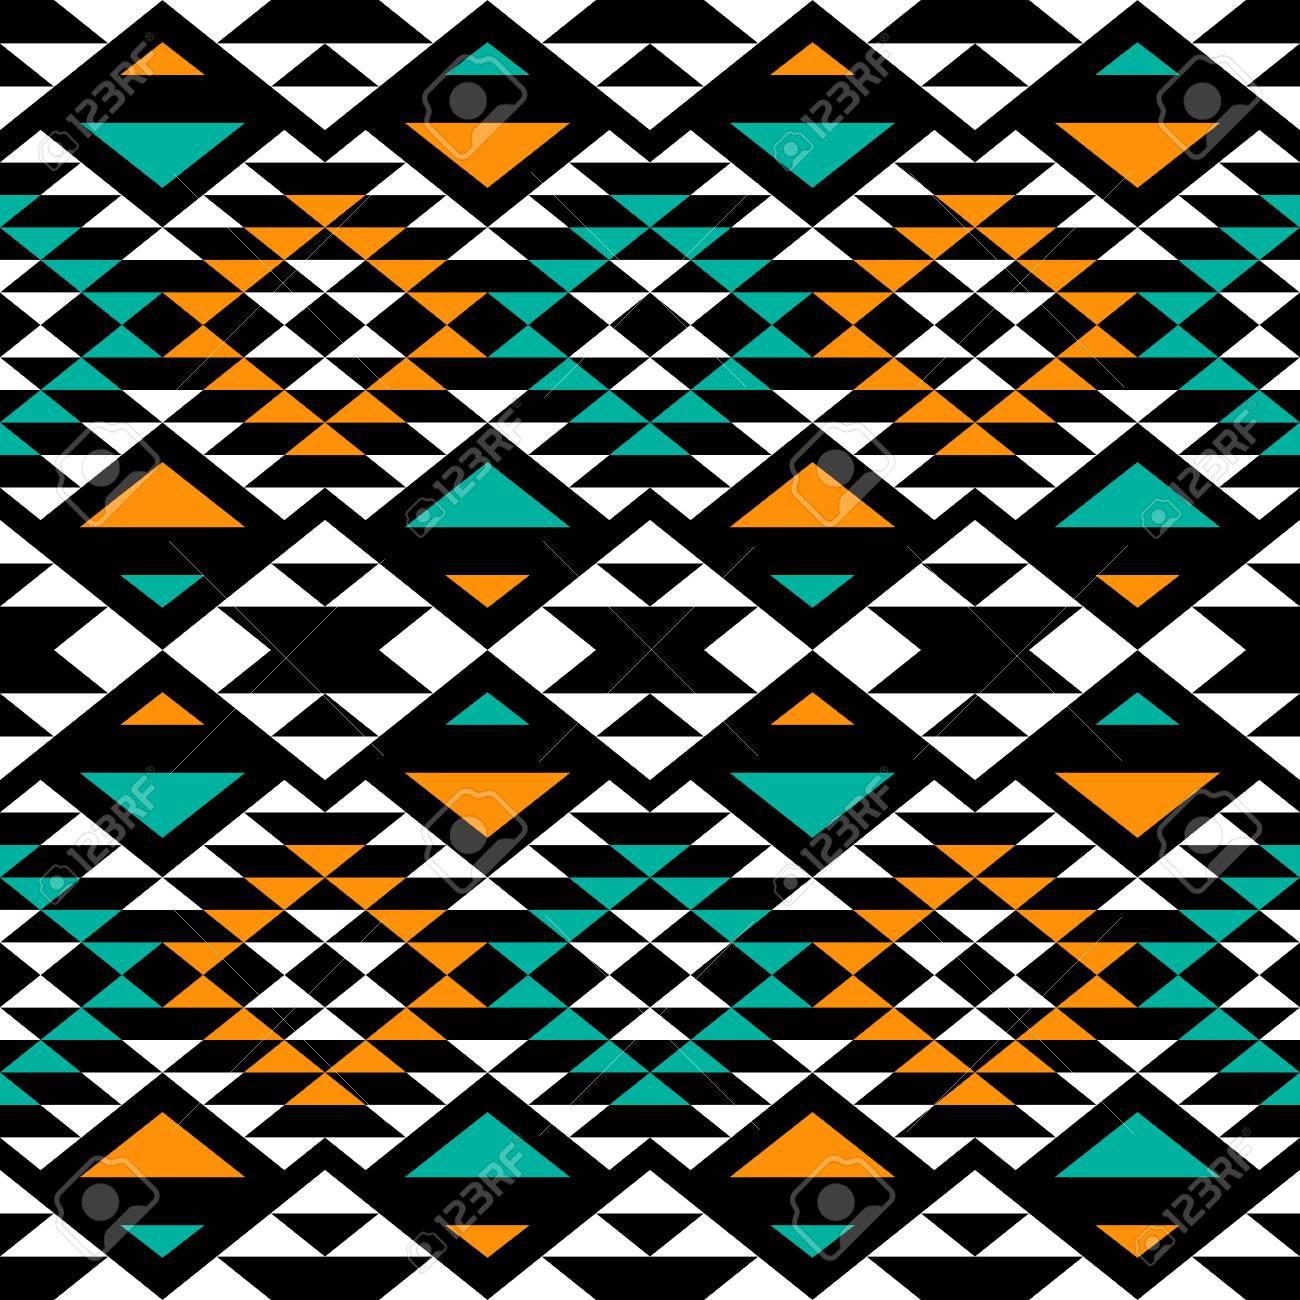 Seamless Boho Chic Fond D Ecran Abstrait Avec Des Motifs Azteques Ethniques Clip Art Libres De Droits Vecteurs Et Illustration Image 54623747